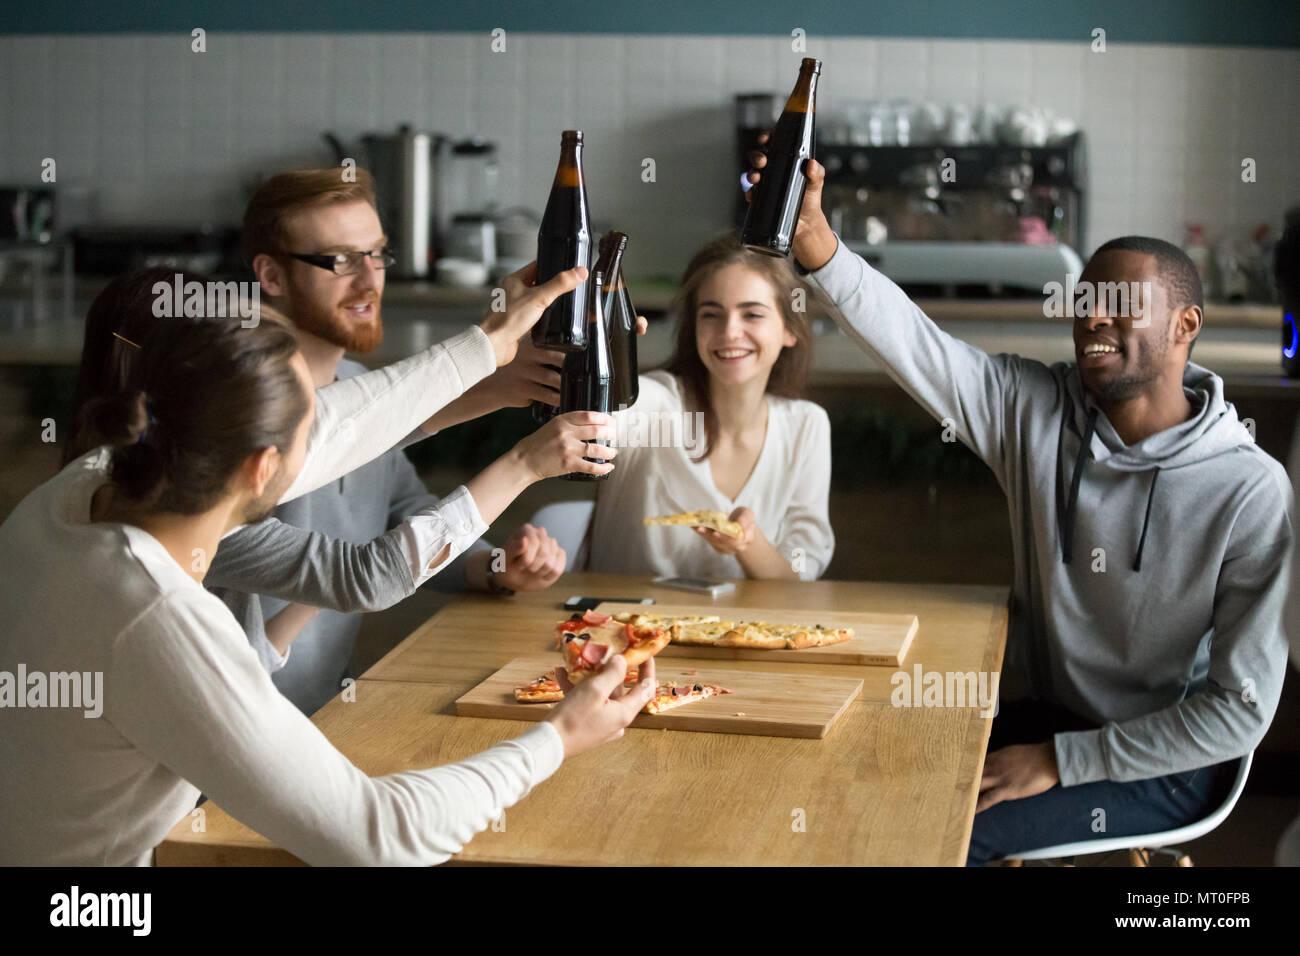 Milenario diversa gente colgando juntos bebiendo cerveza comer Imagen De Stock